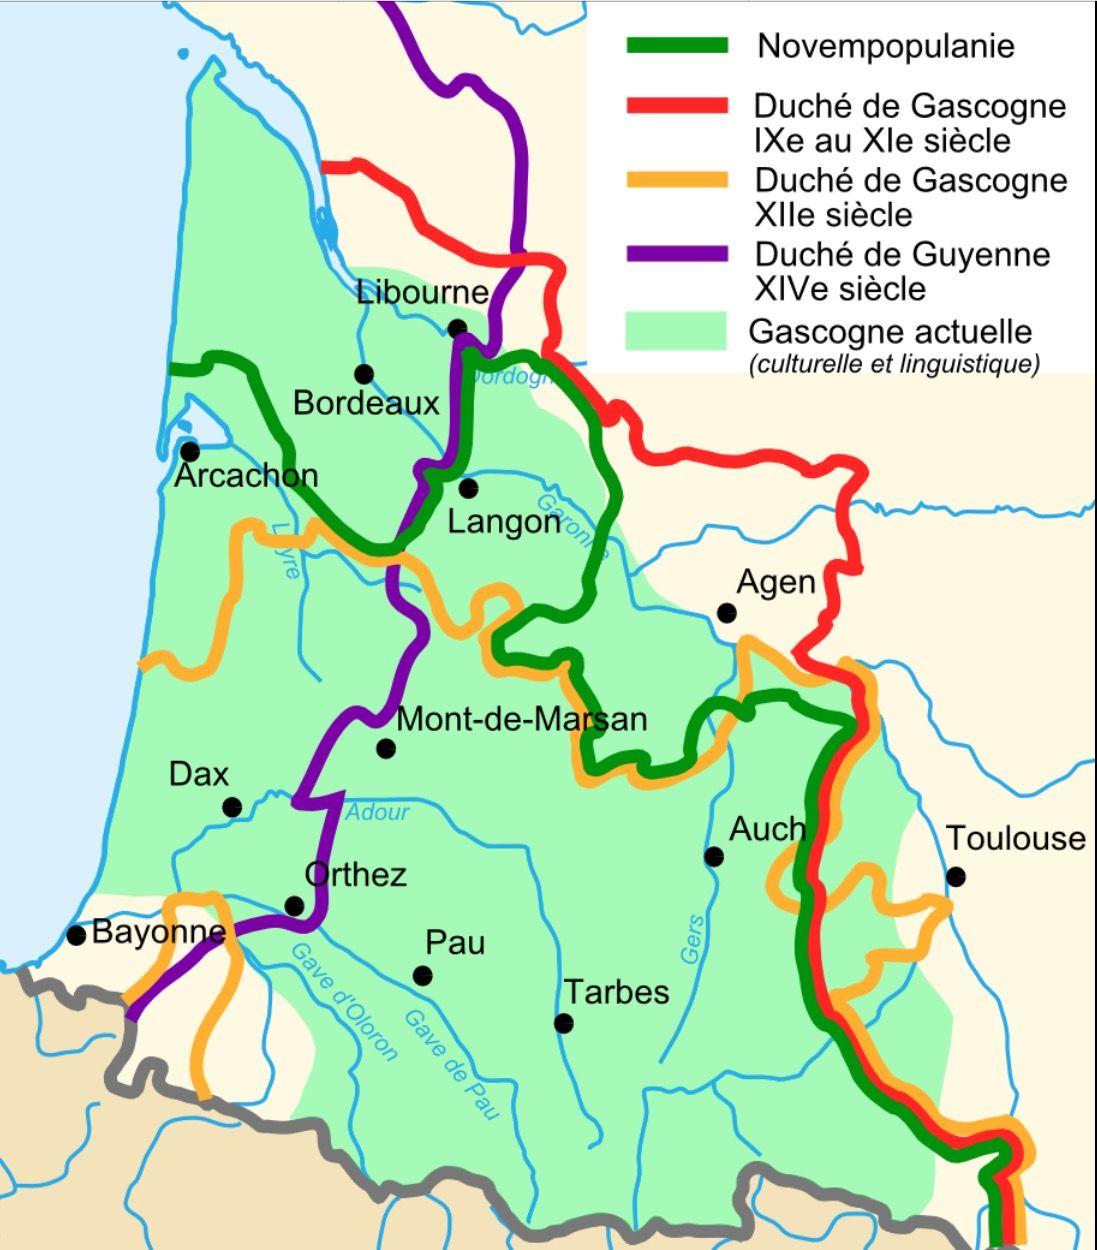 Epingle Par Suzanne Jacob Sur France Gascogne Aquitaine S